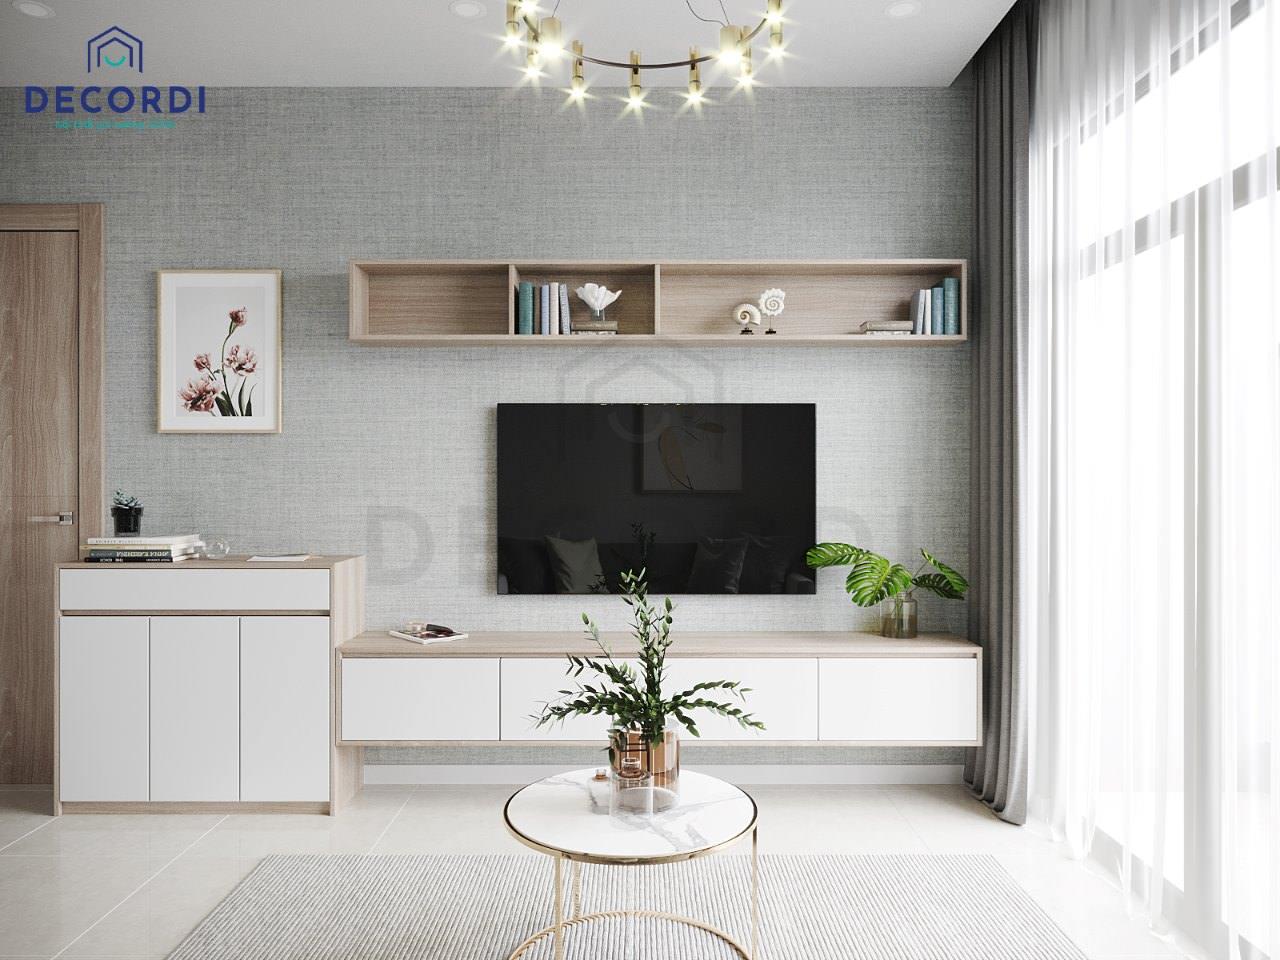 Kệ tivi treo tường thiết kế đơn giản